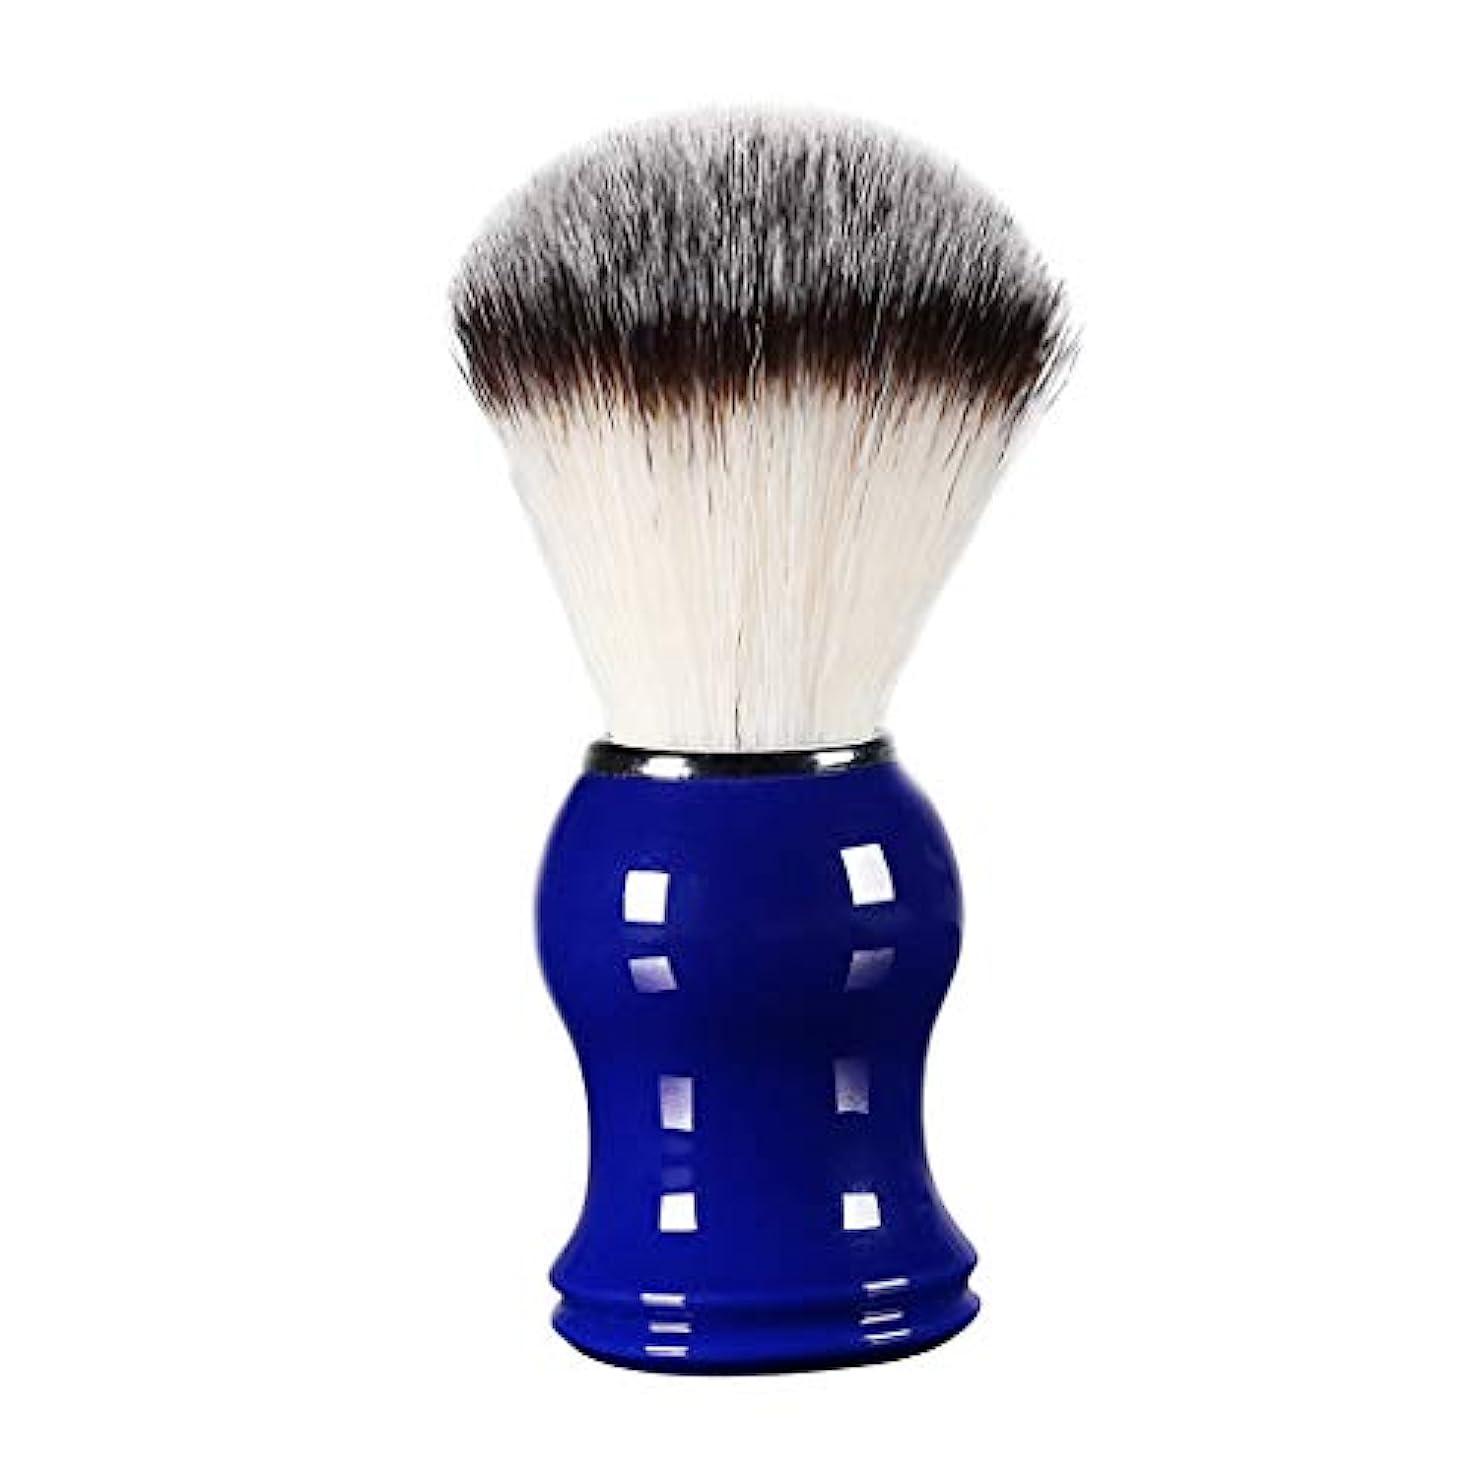 常にそっとことわざ床屋 サロン 髭剃り シェービングブラシ メンズ 泡立ち 洗顔 理容 約11cm